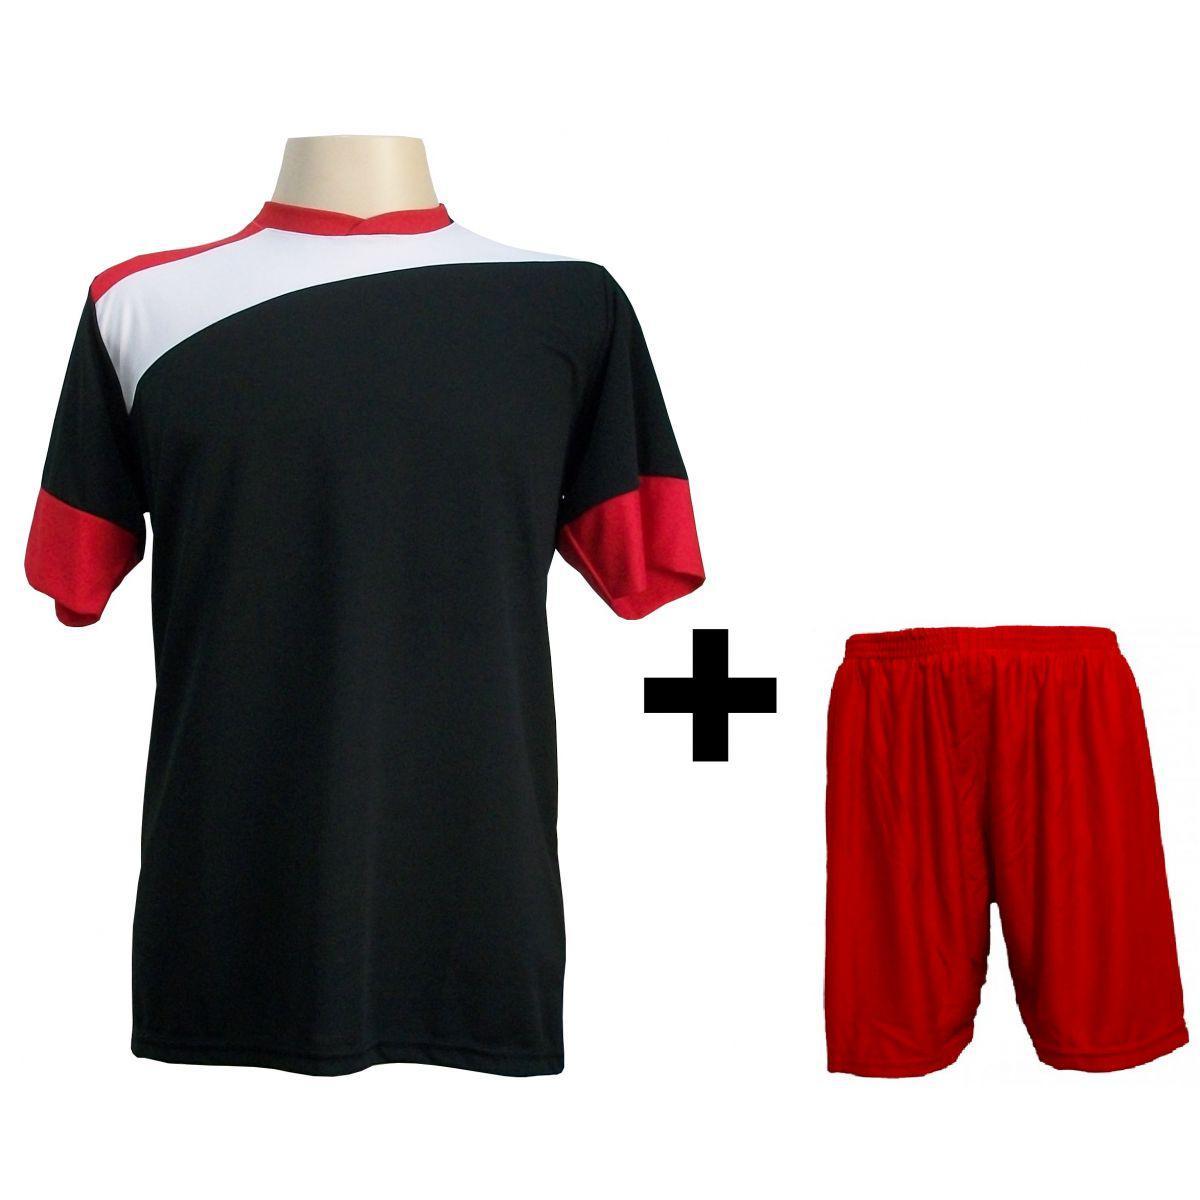 Uniforme Esportivo com 14 camisas modelo Sporting Preto Branco Vermelho +  14 calções modelo Madrid + 1 Goleiro + Brindes - Gazza - Futebol - Magazine  Luiza 4764a07707863